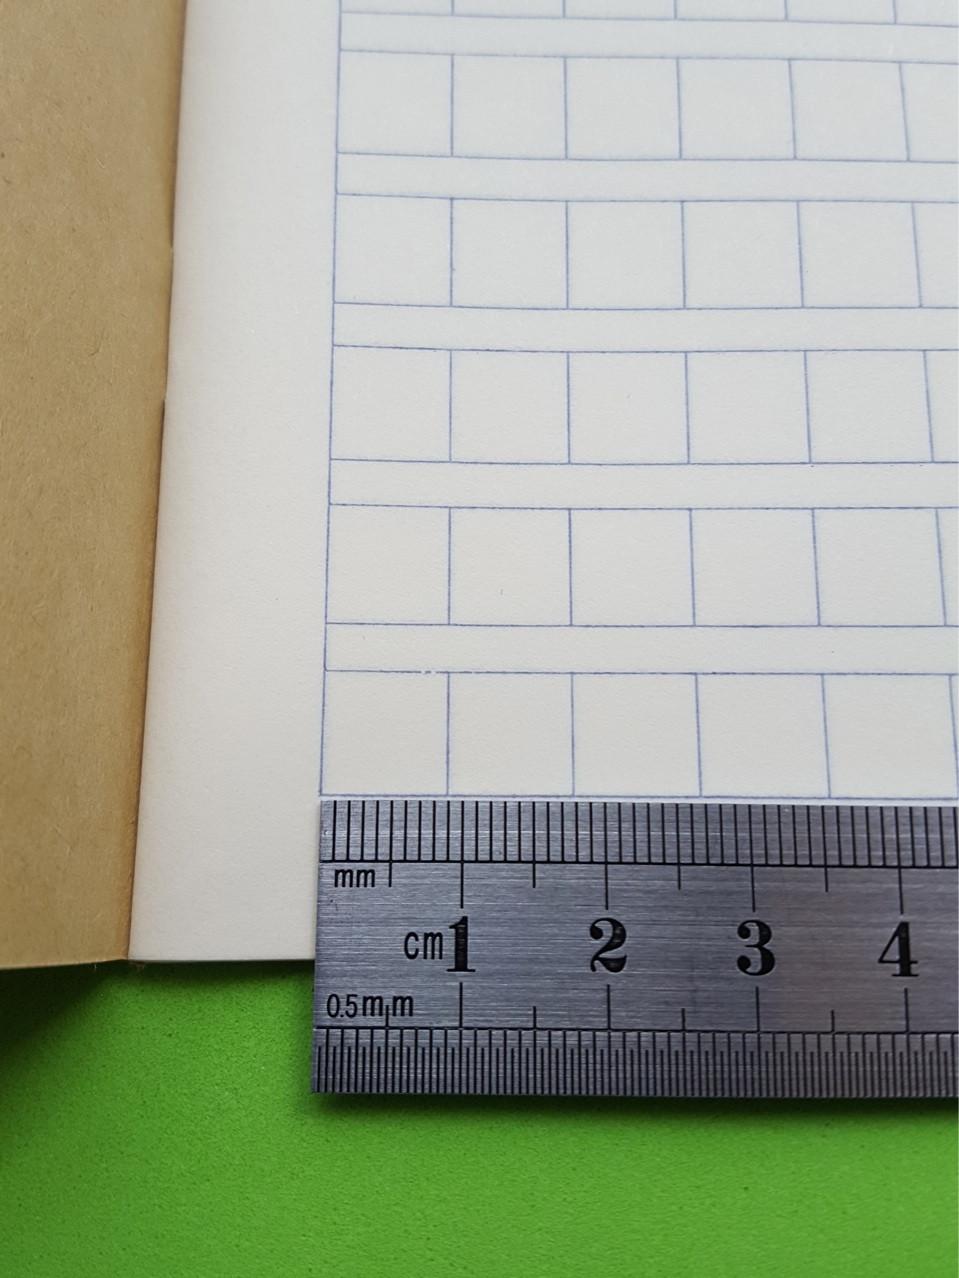 Зошит для написання ієрогліфів. Клітка 9 мм з полем для піньінь. 4732 клітини